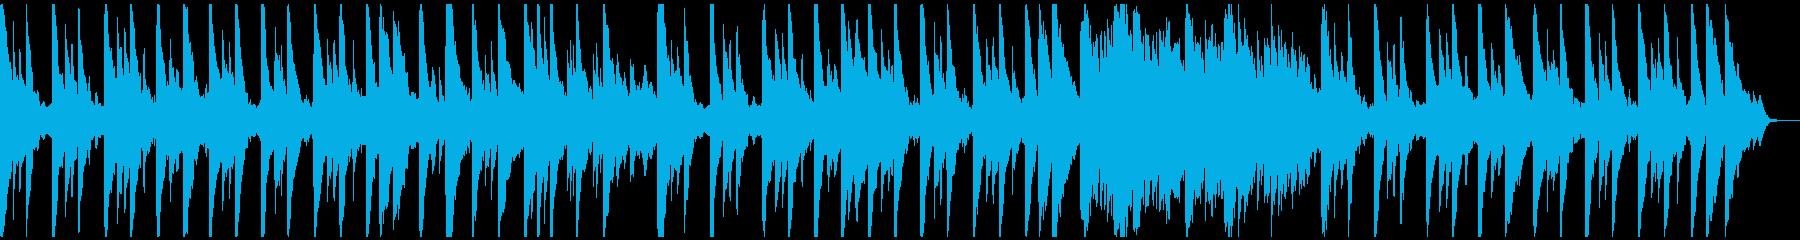 ピアノとシンセのみのシンプルなヒーリングの再生済みの波形